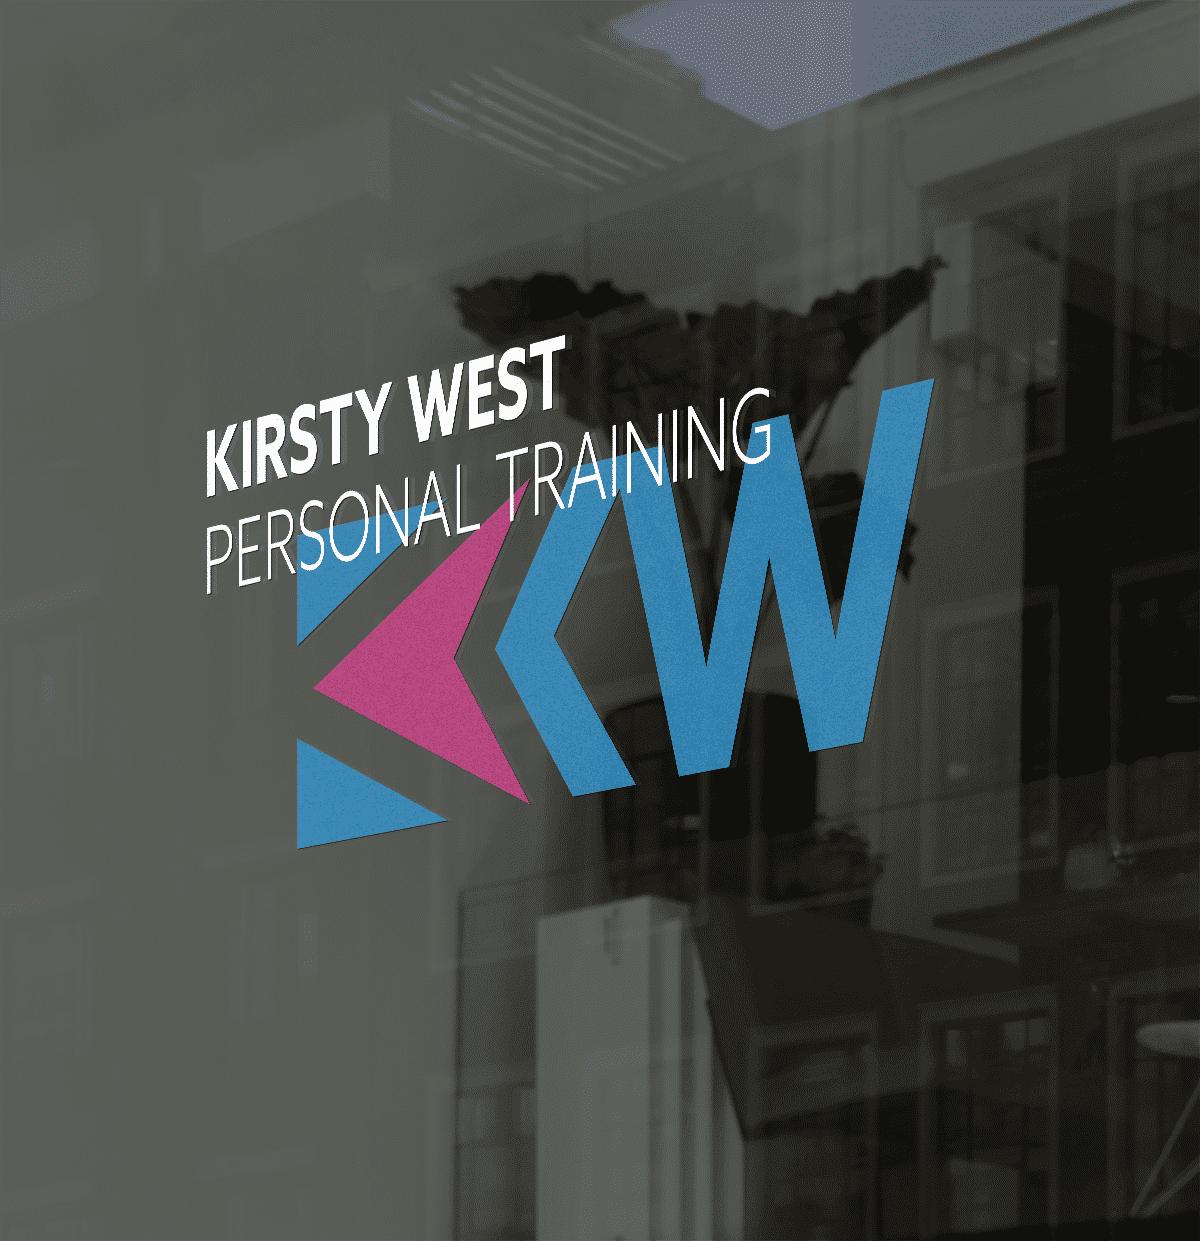 Kirsty West PT Window Sticker